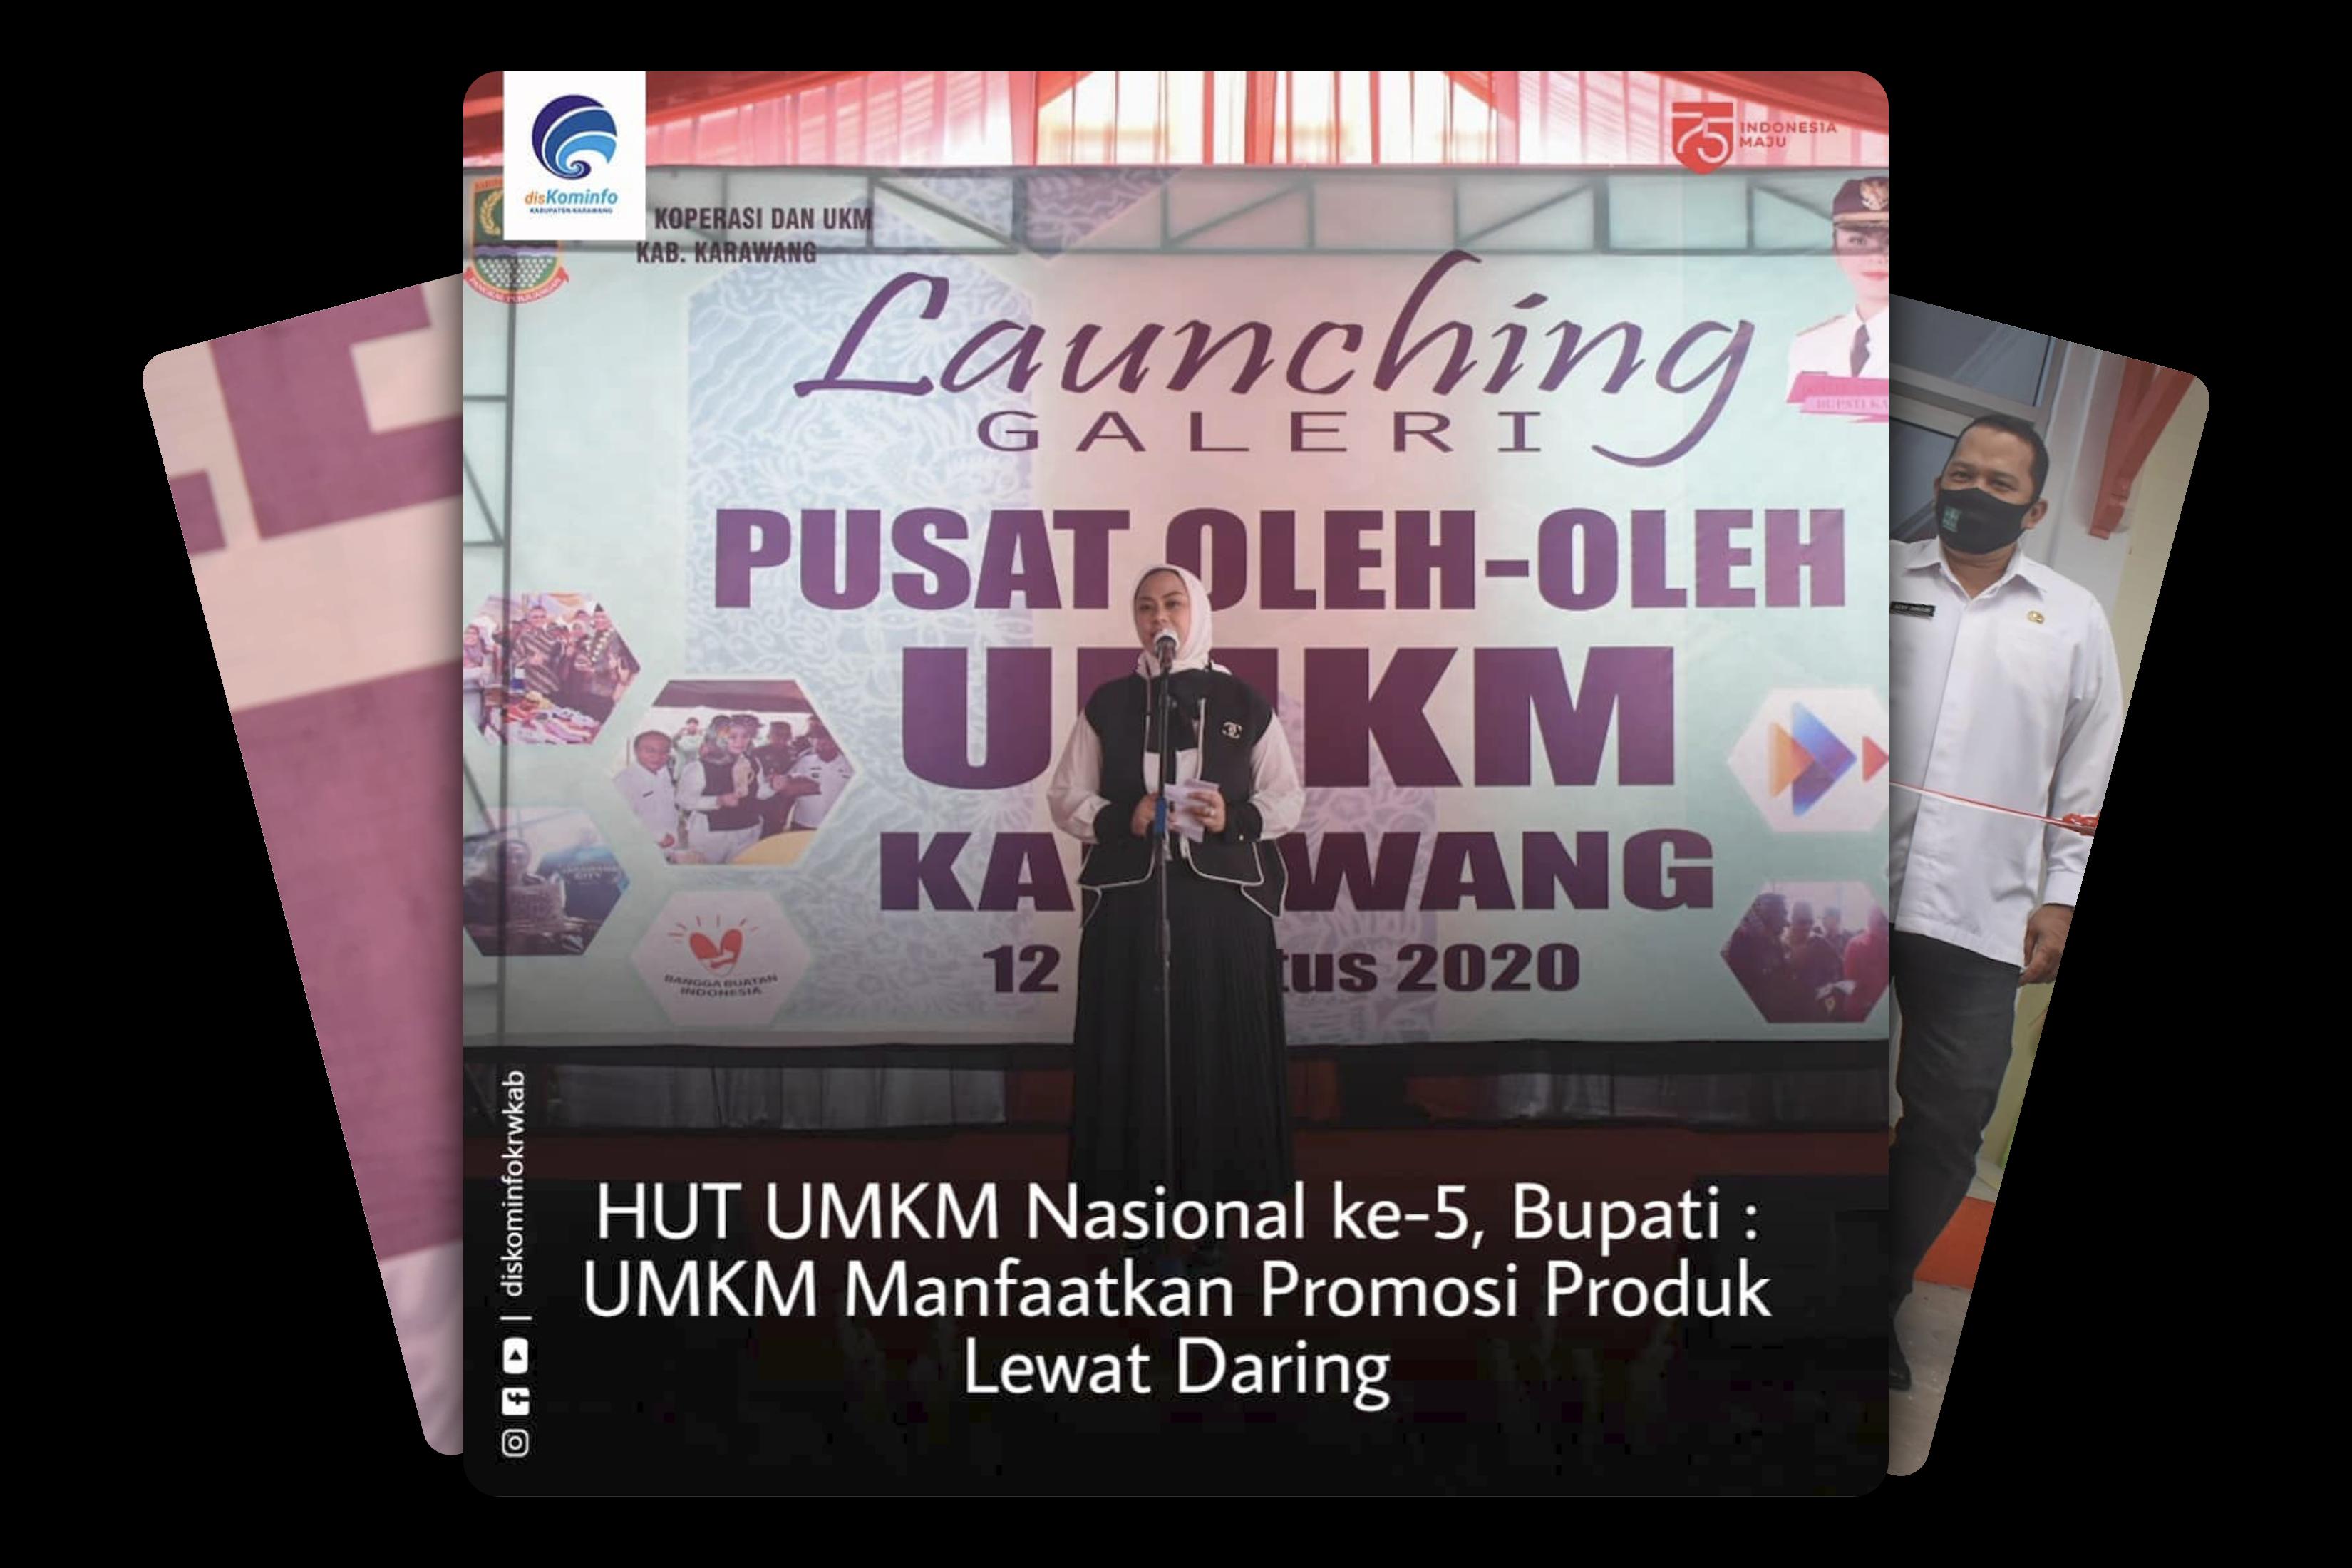 Hut Umkm Nasional Ke 5 Bupati Umkm Manfaatkan Promosi Produk Lewat Daring Situs Resmi Pemerintah Daerah Kabupaten Karawang